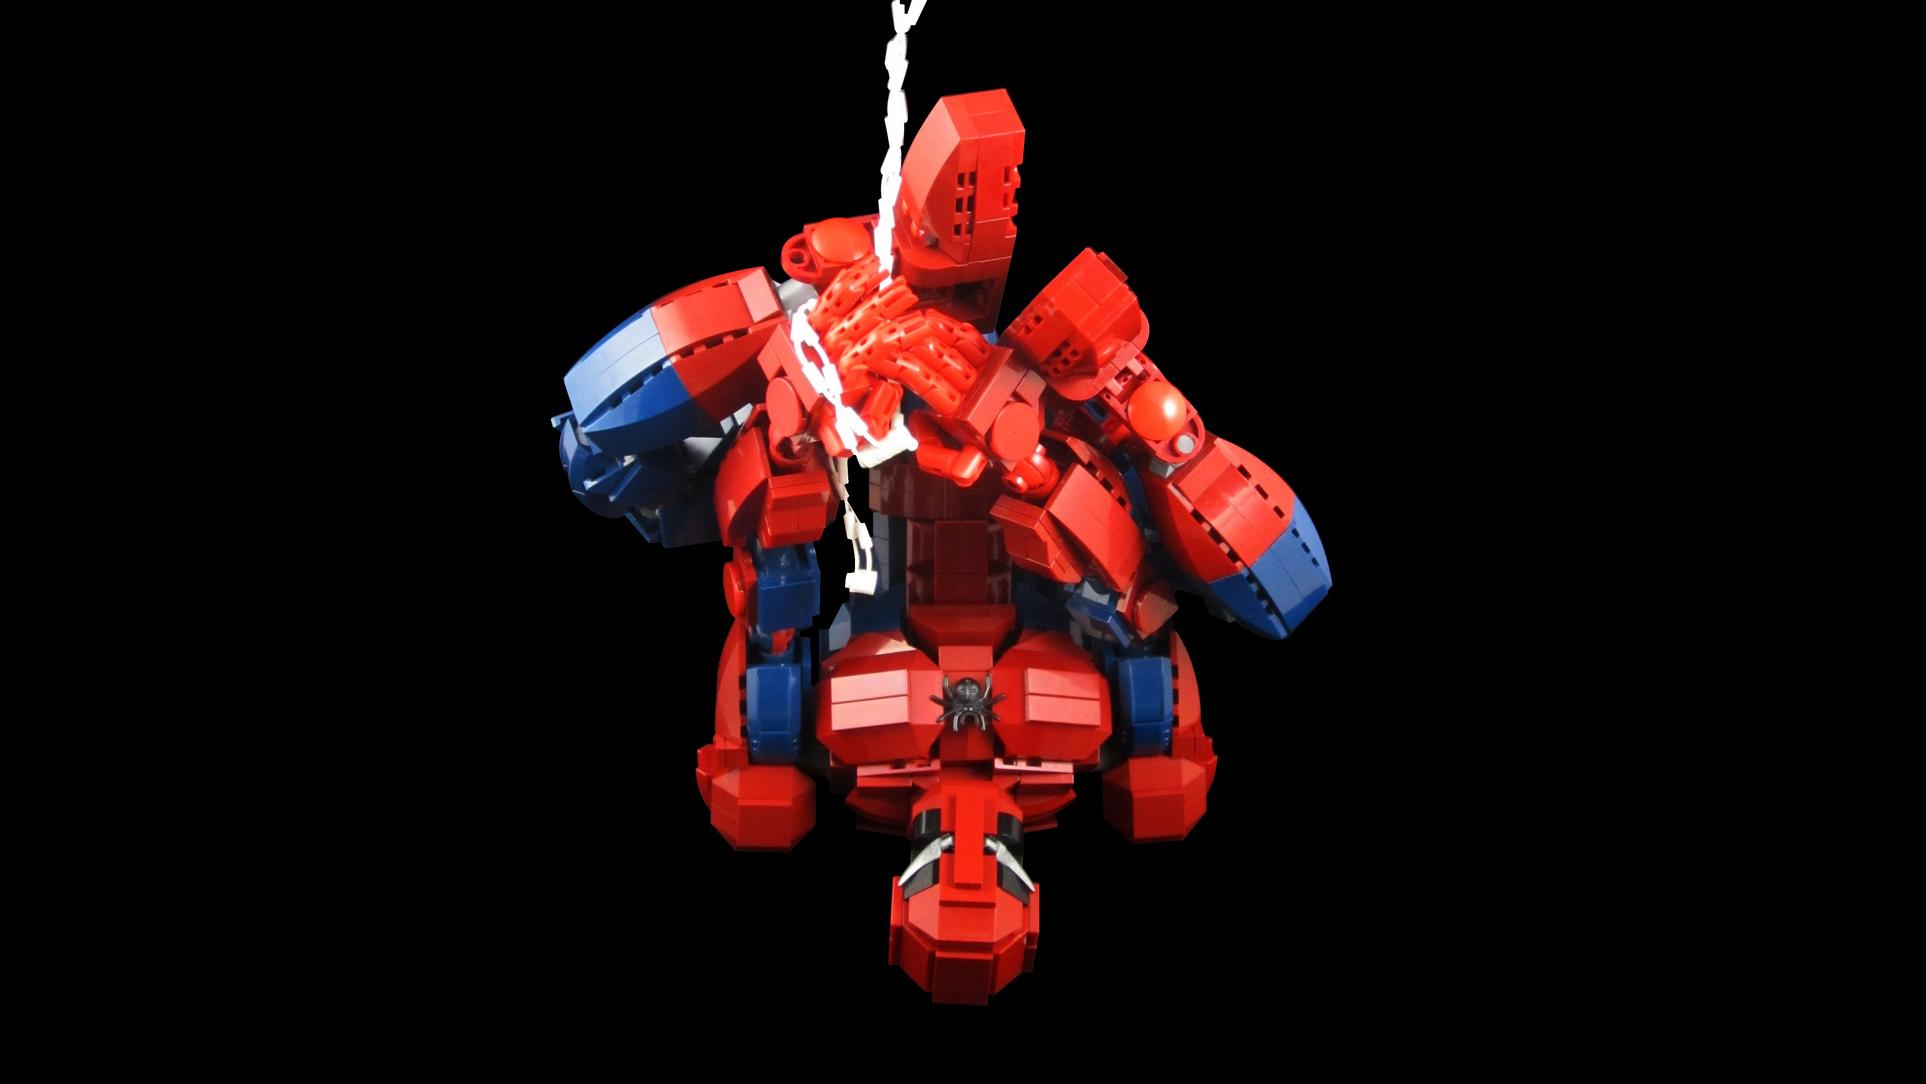 Avengers Wall Mural Lego Spiderman Wallpaper Wallpapersafari